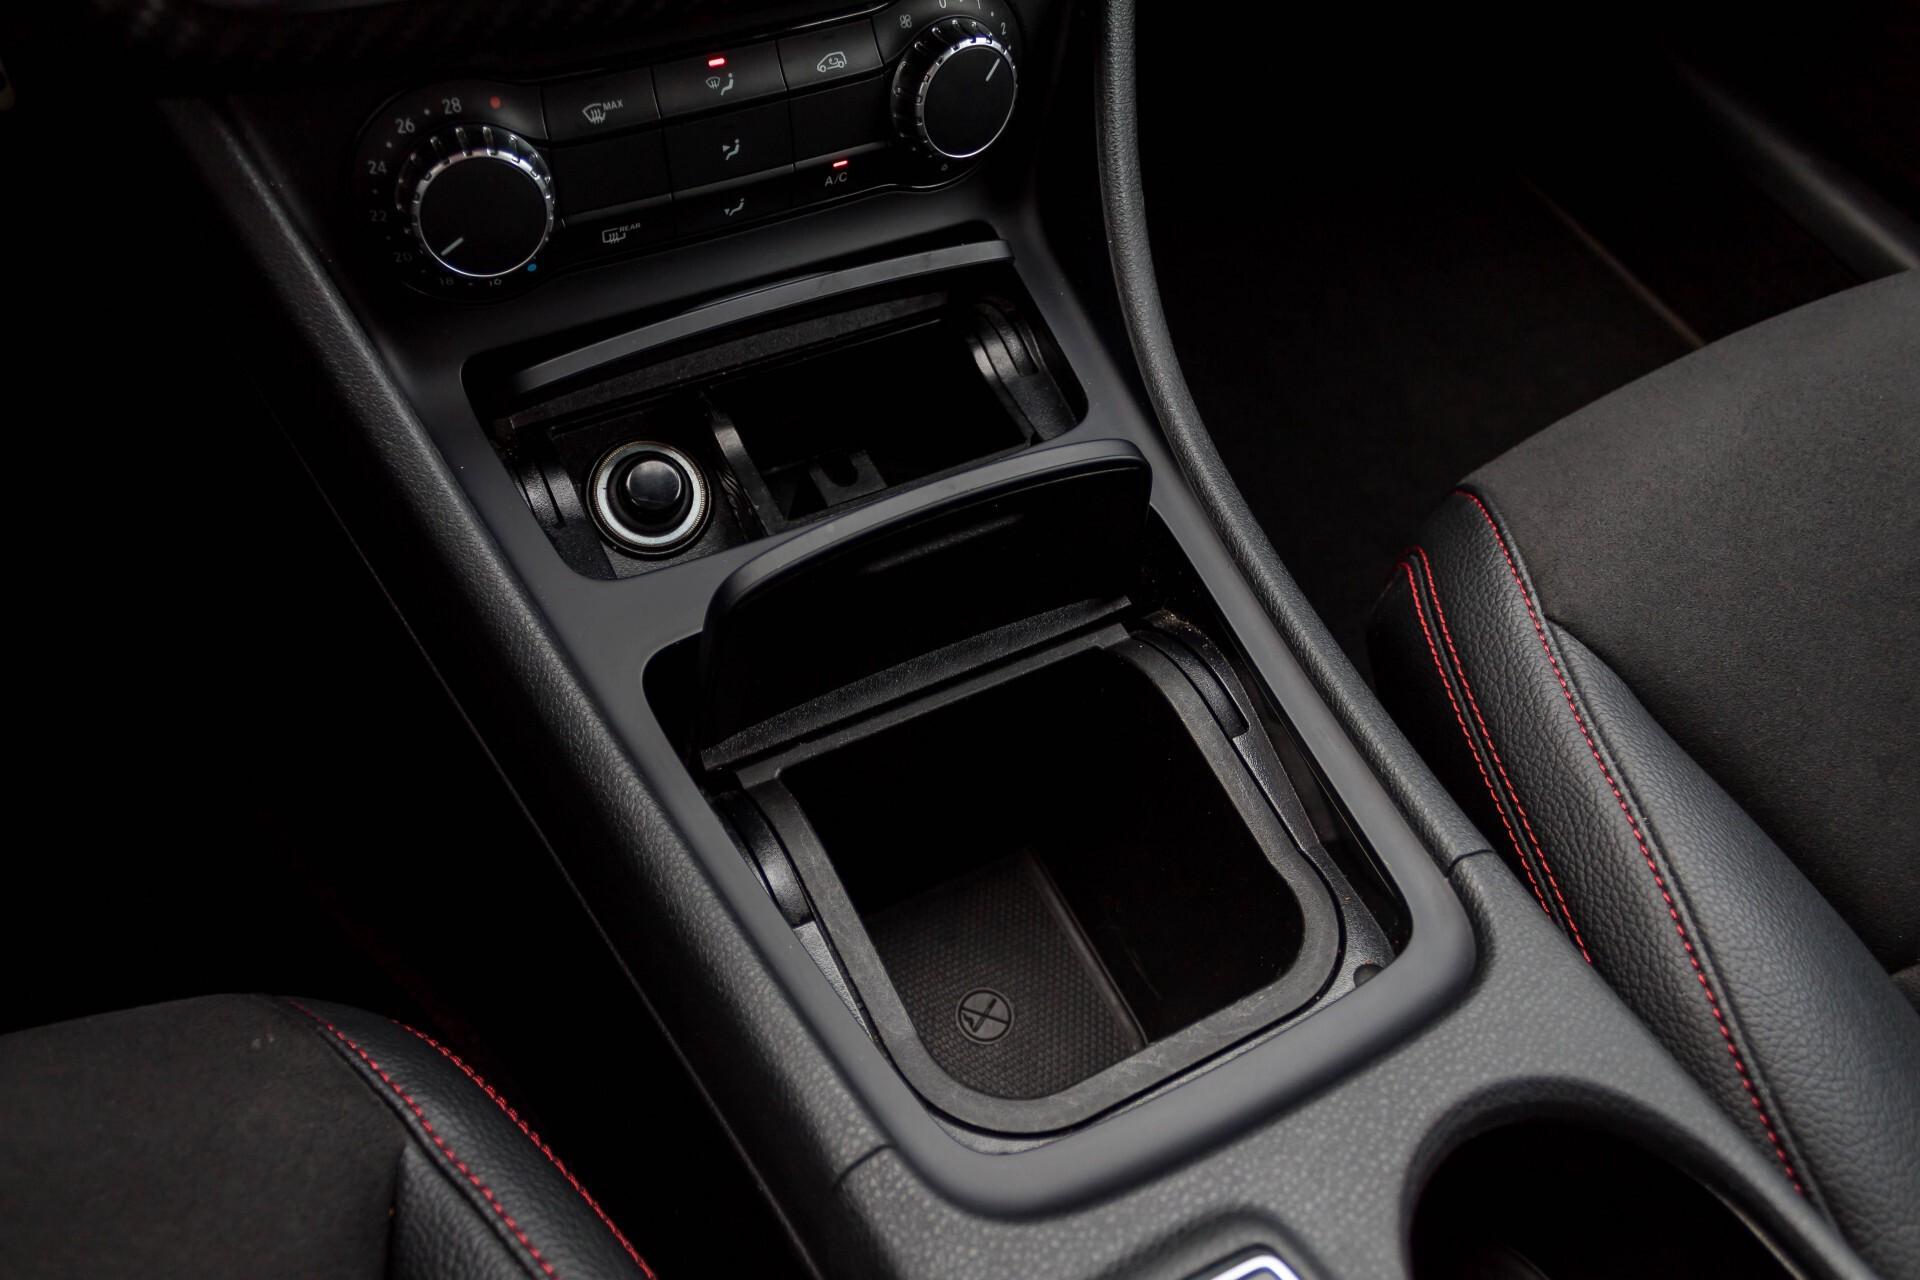 Mercedes-Benz A-Klasse 180 Cdi AMG Panorama Bi-xenon/Navi/PTS Aut7 Foto 20